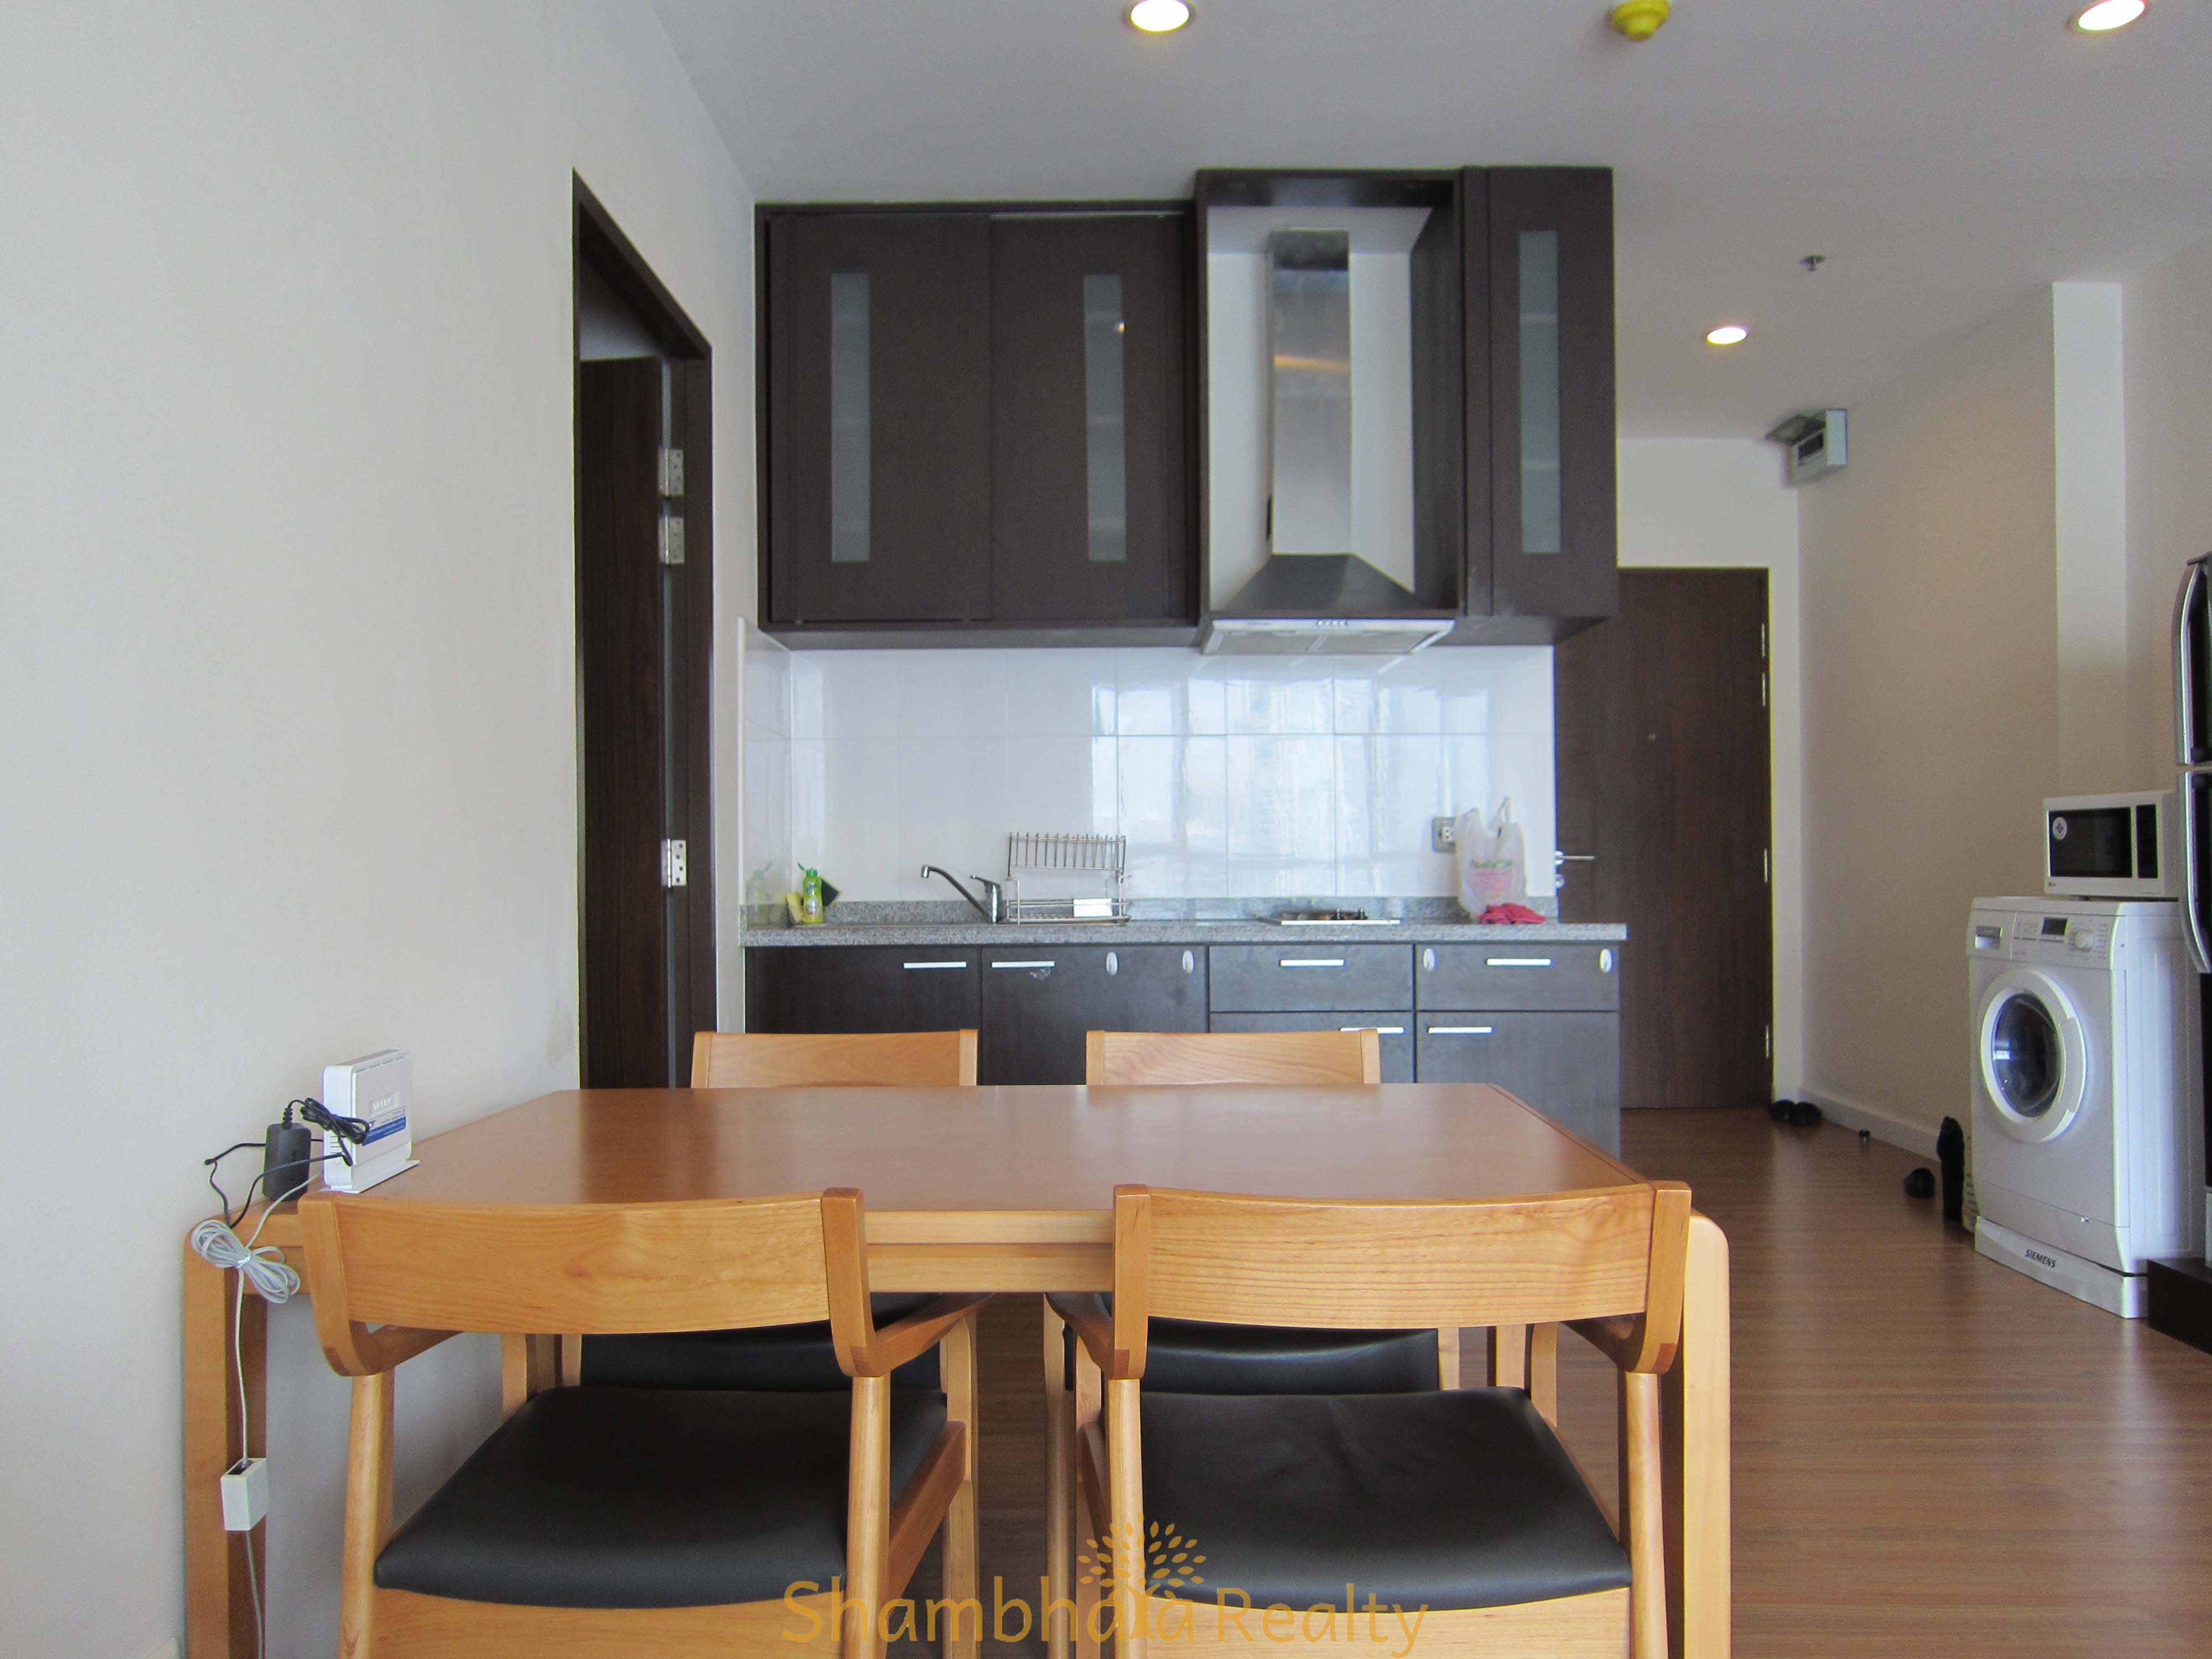 Shambhala Realty Agency's Trendy Condo For Rent 4